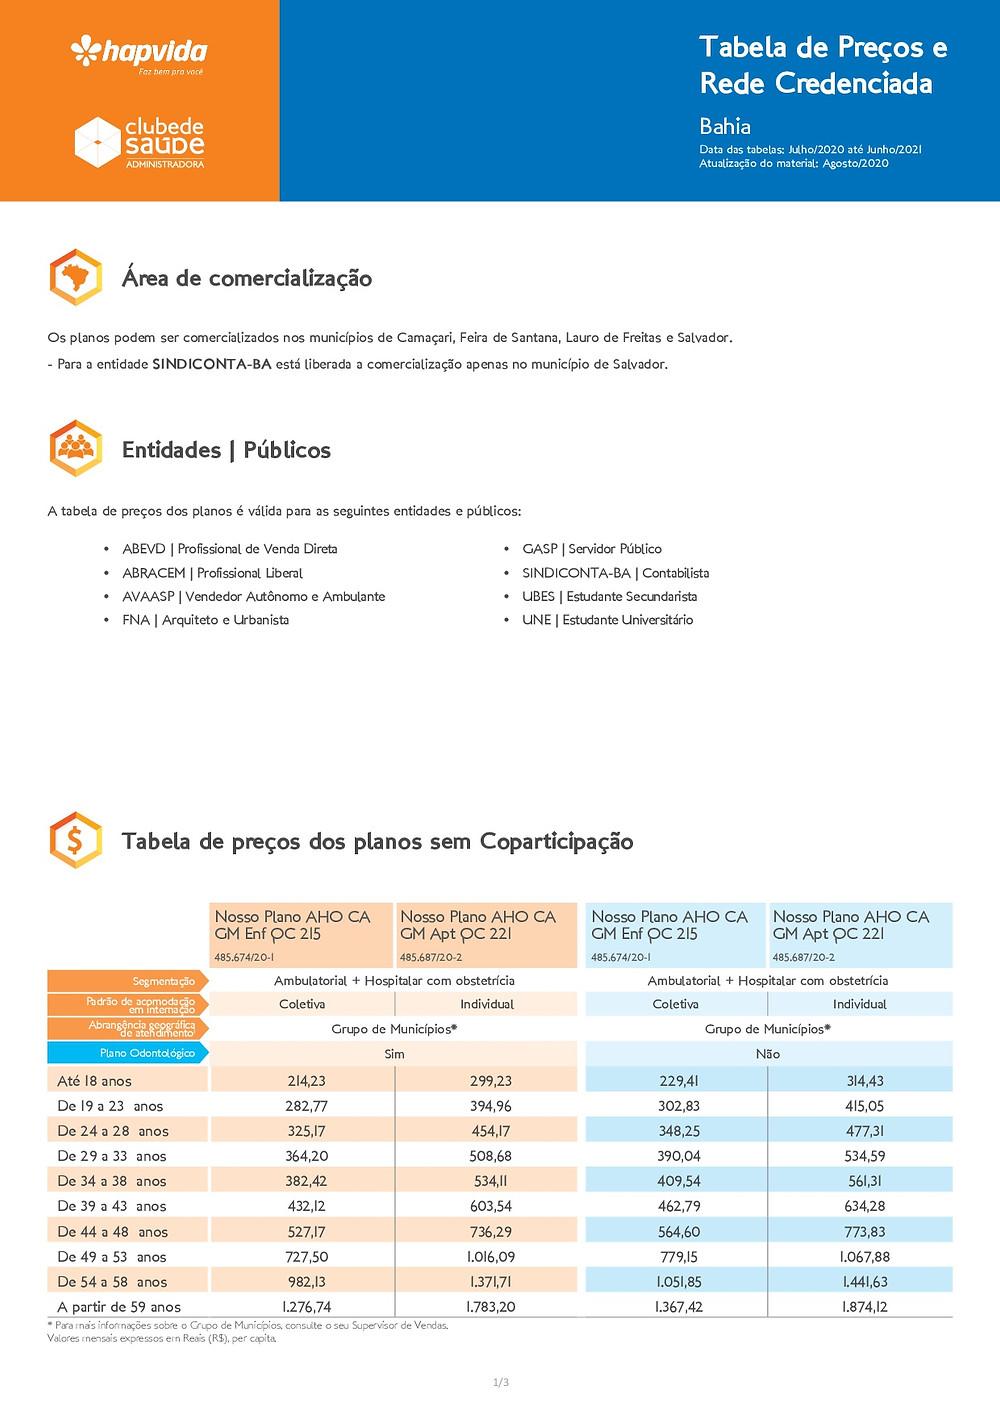 Tabelas de Preços HapVida - Para Profissional Liberal - Salvador